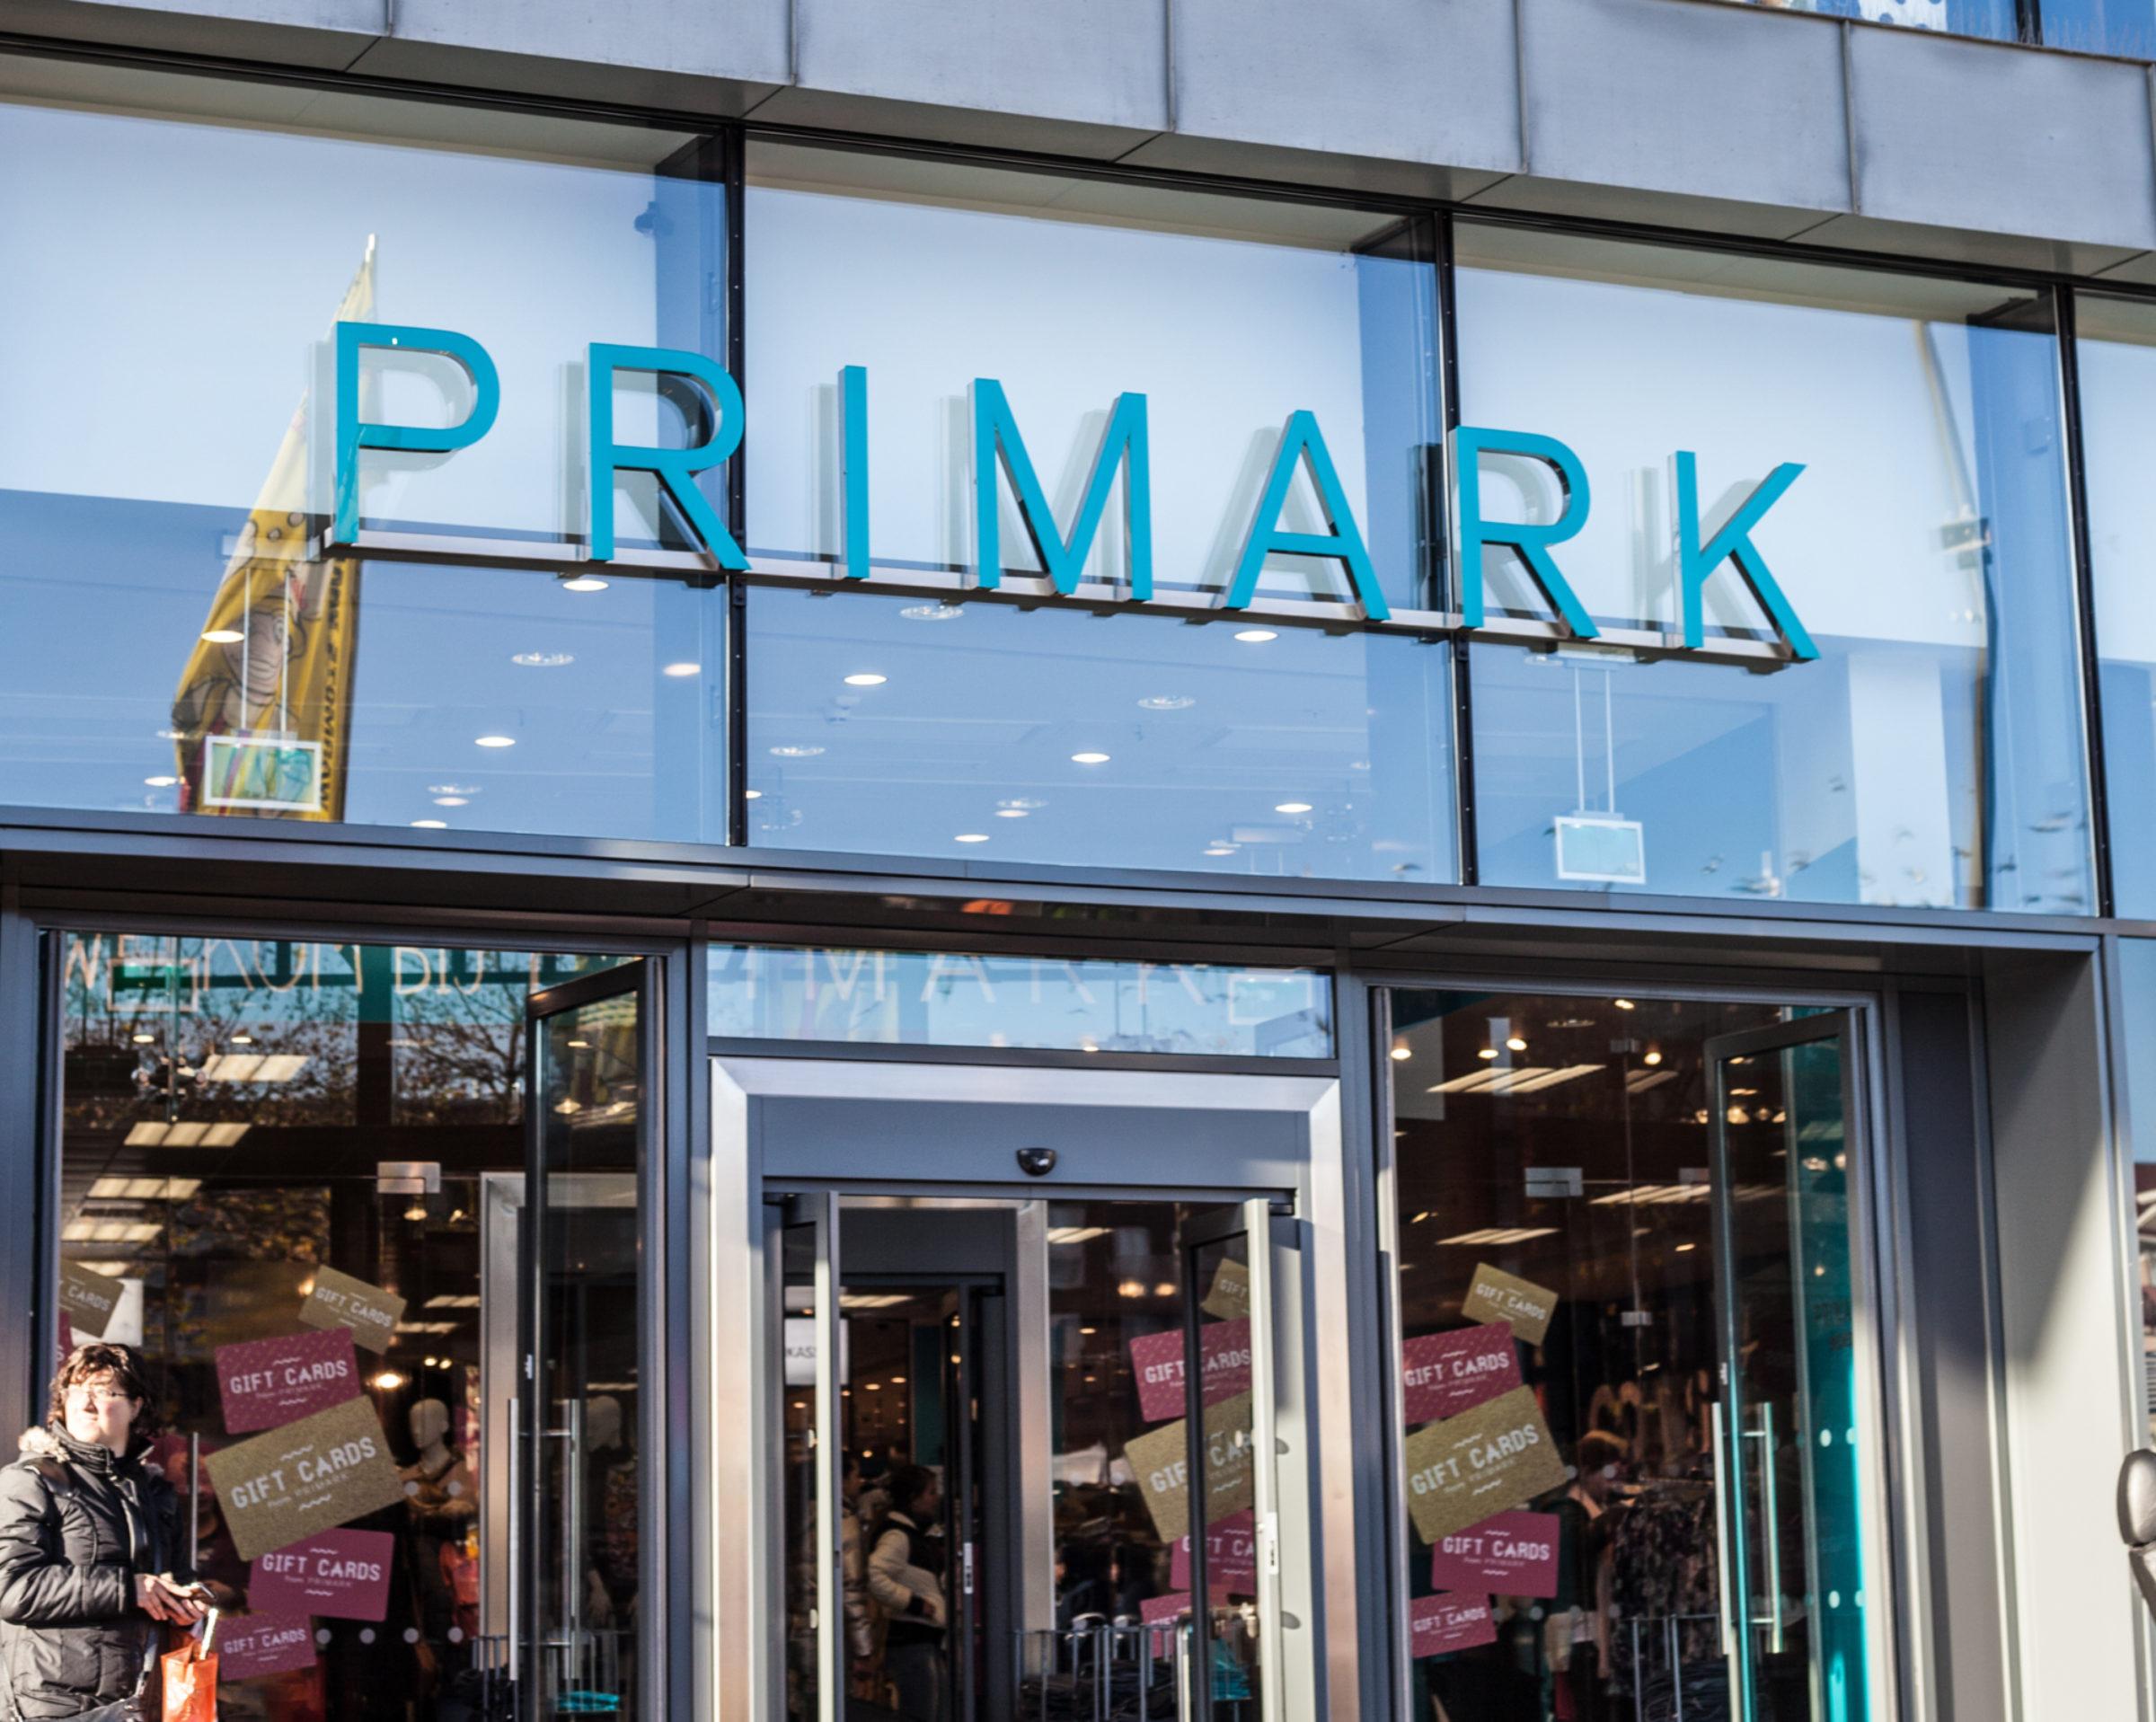 2014 Primark van Heekplein winkelen 3404 1567418493 35hxo41djg